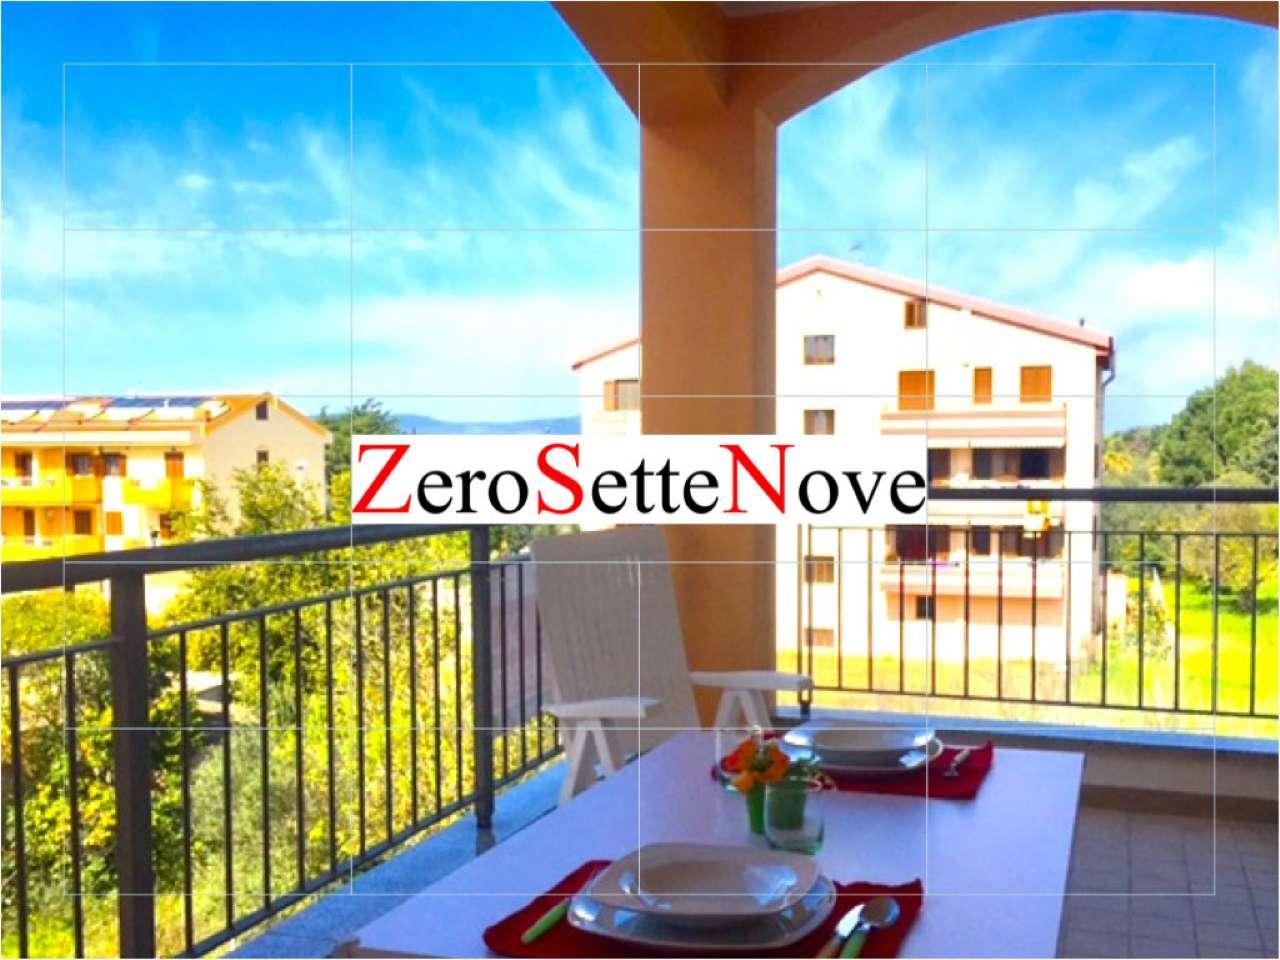 Appartamento in vendita a Alghero, 2 locali, prezzo € 79.000 | Cambio Casa.it